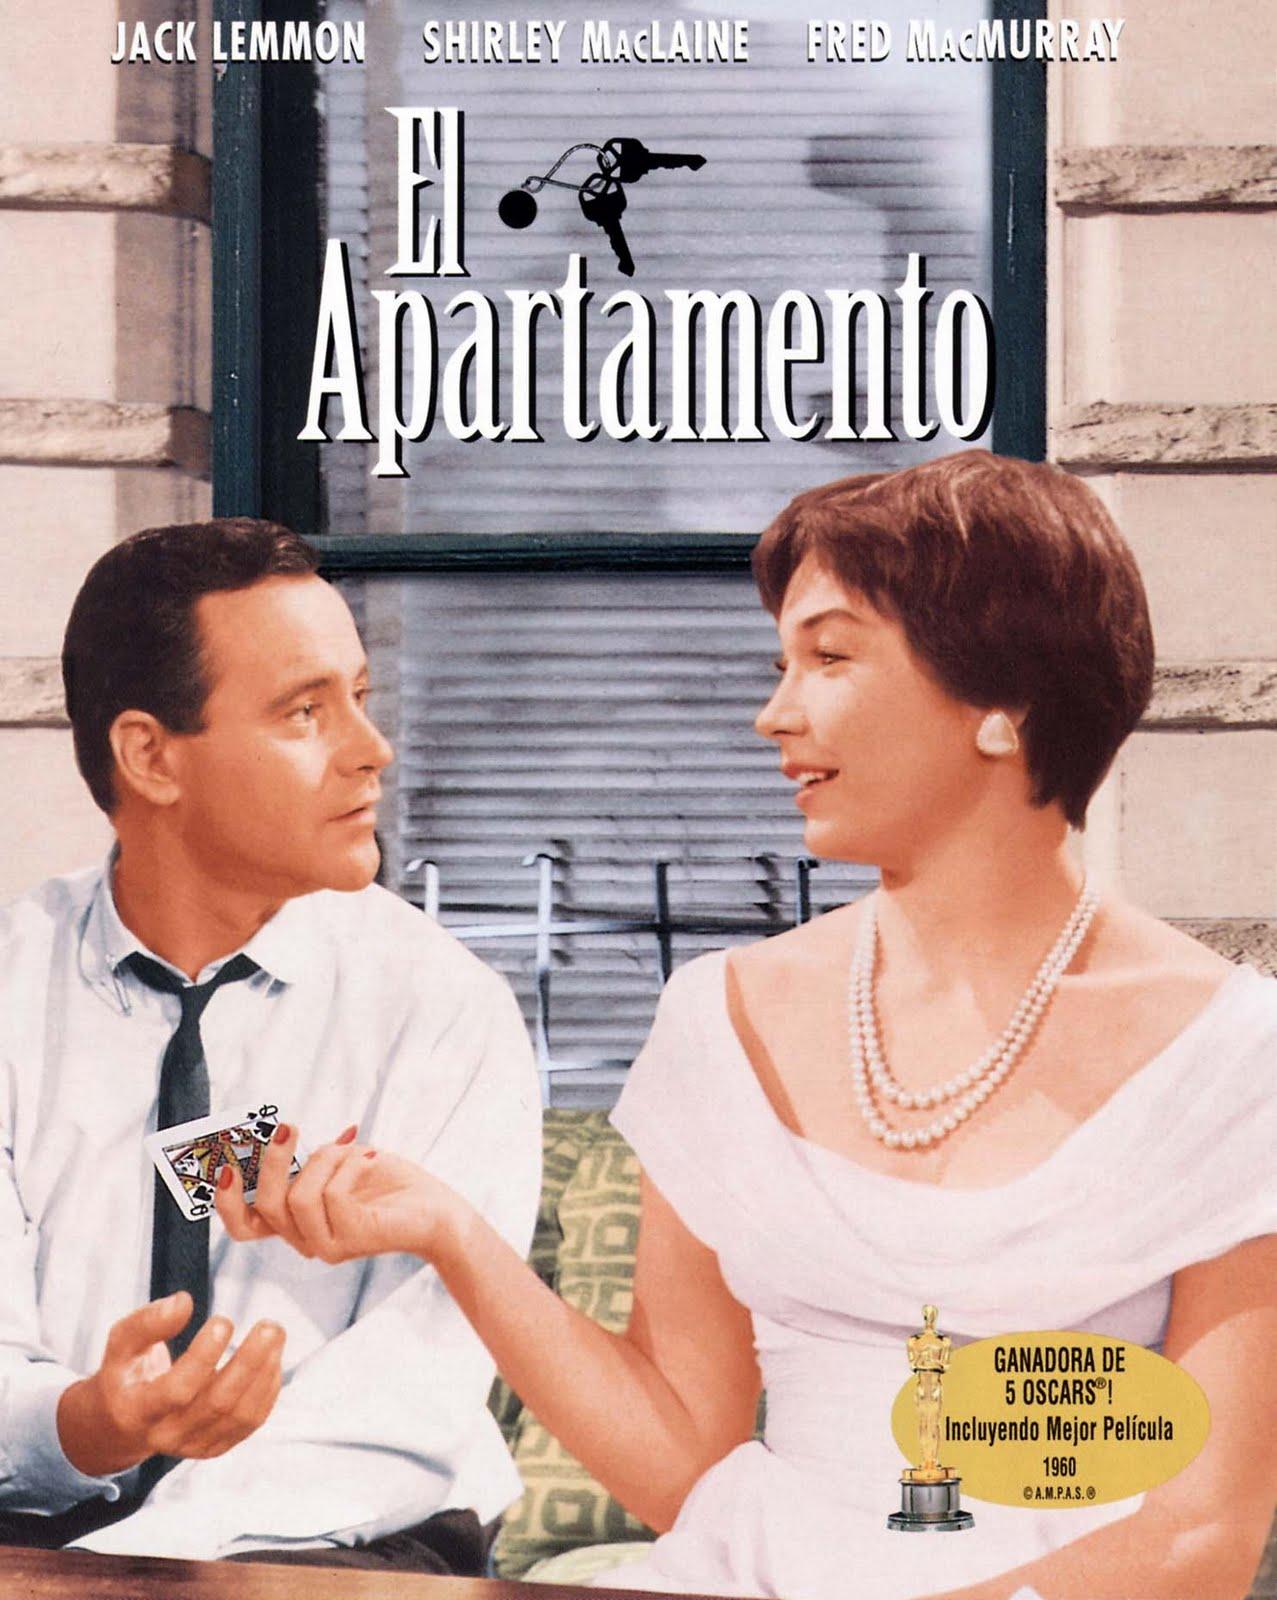 http://3.bp.blogspot.com/_nPQScaS7MX4/THwIC-J95HI/AAAAAAAAADY/Xj9vmAKtzQs/s1600/el-apartamento2.jpg